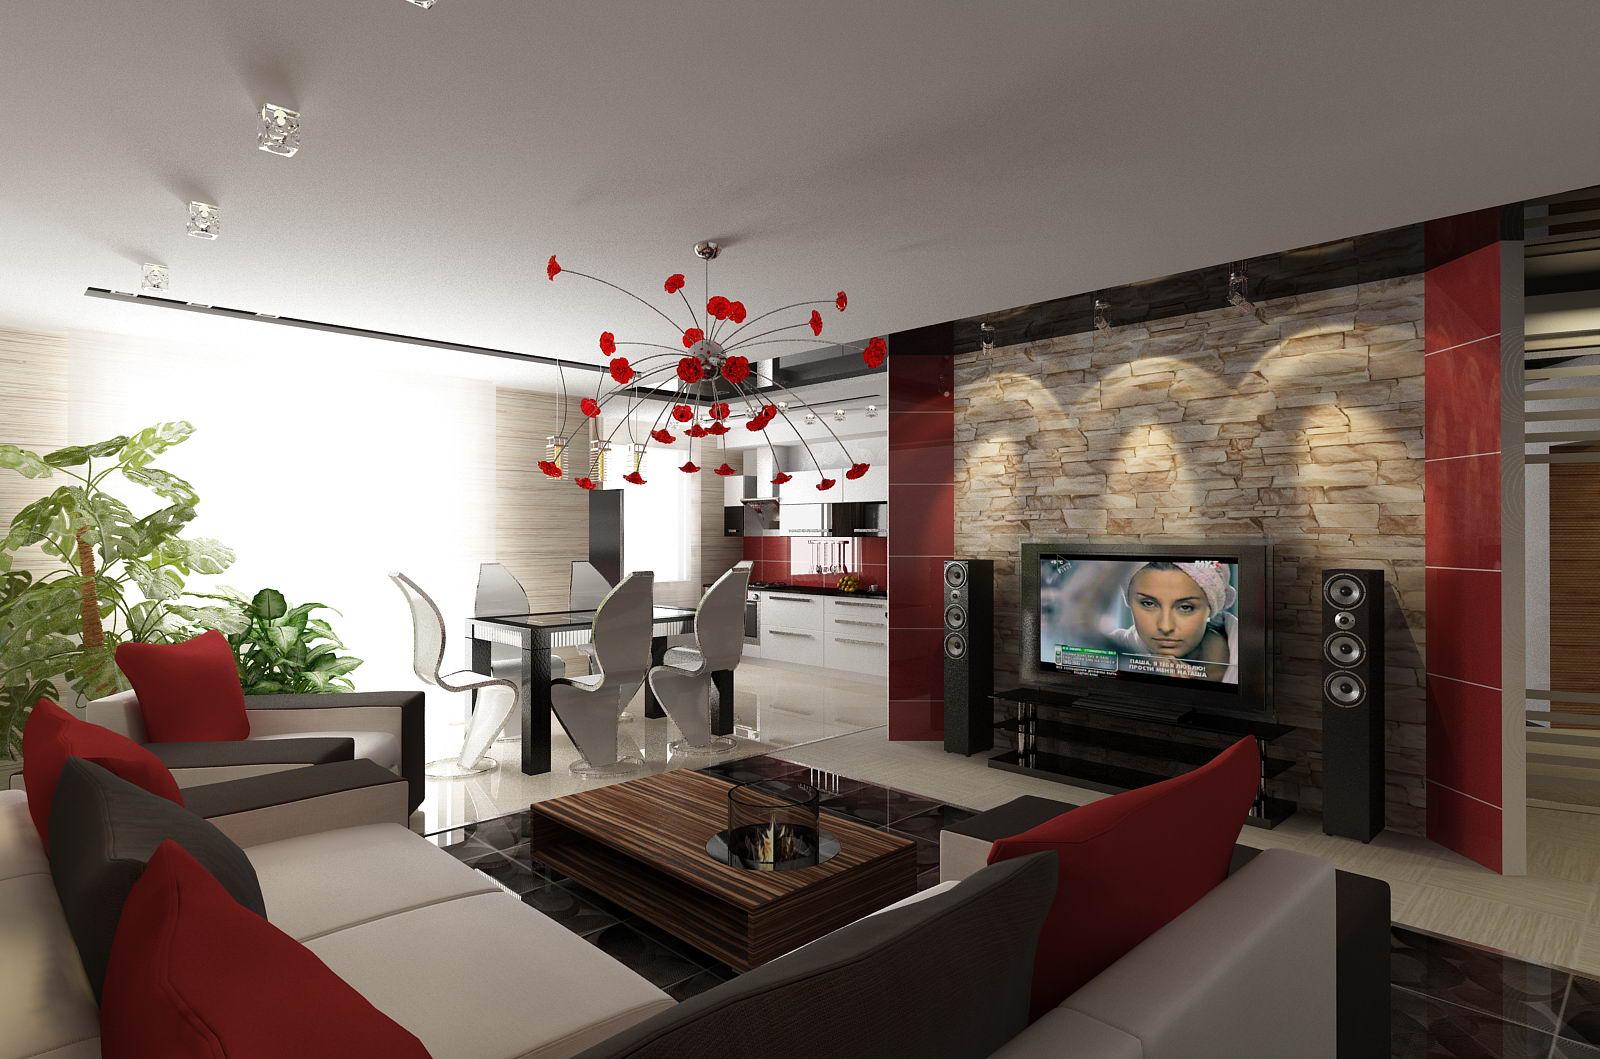 гостиная дизайн фото интерьера